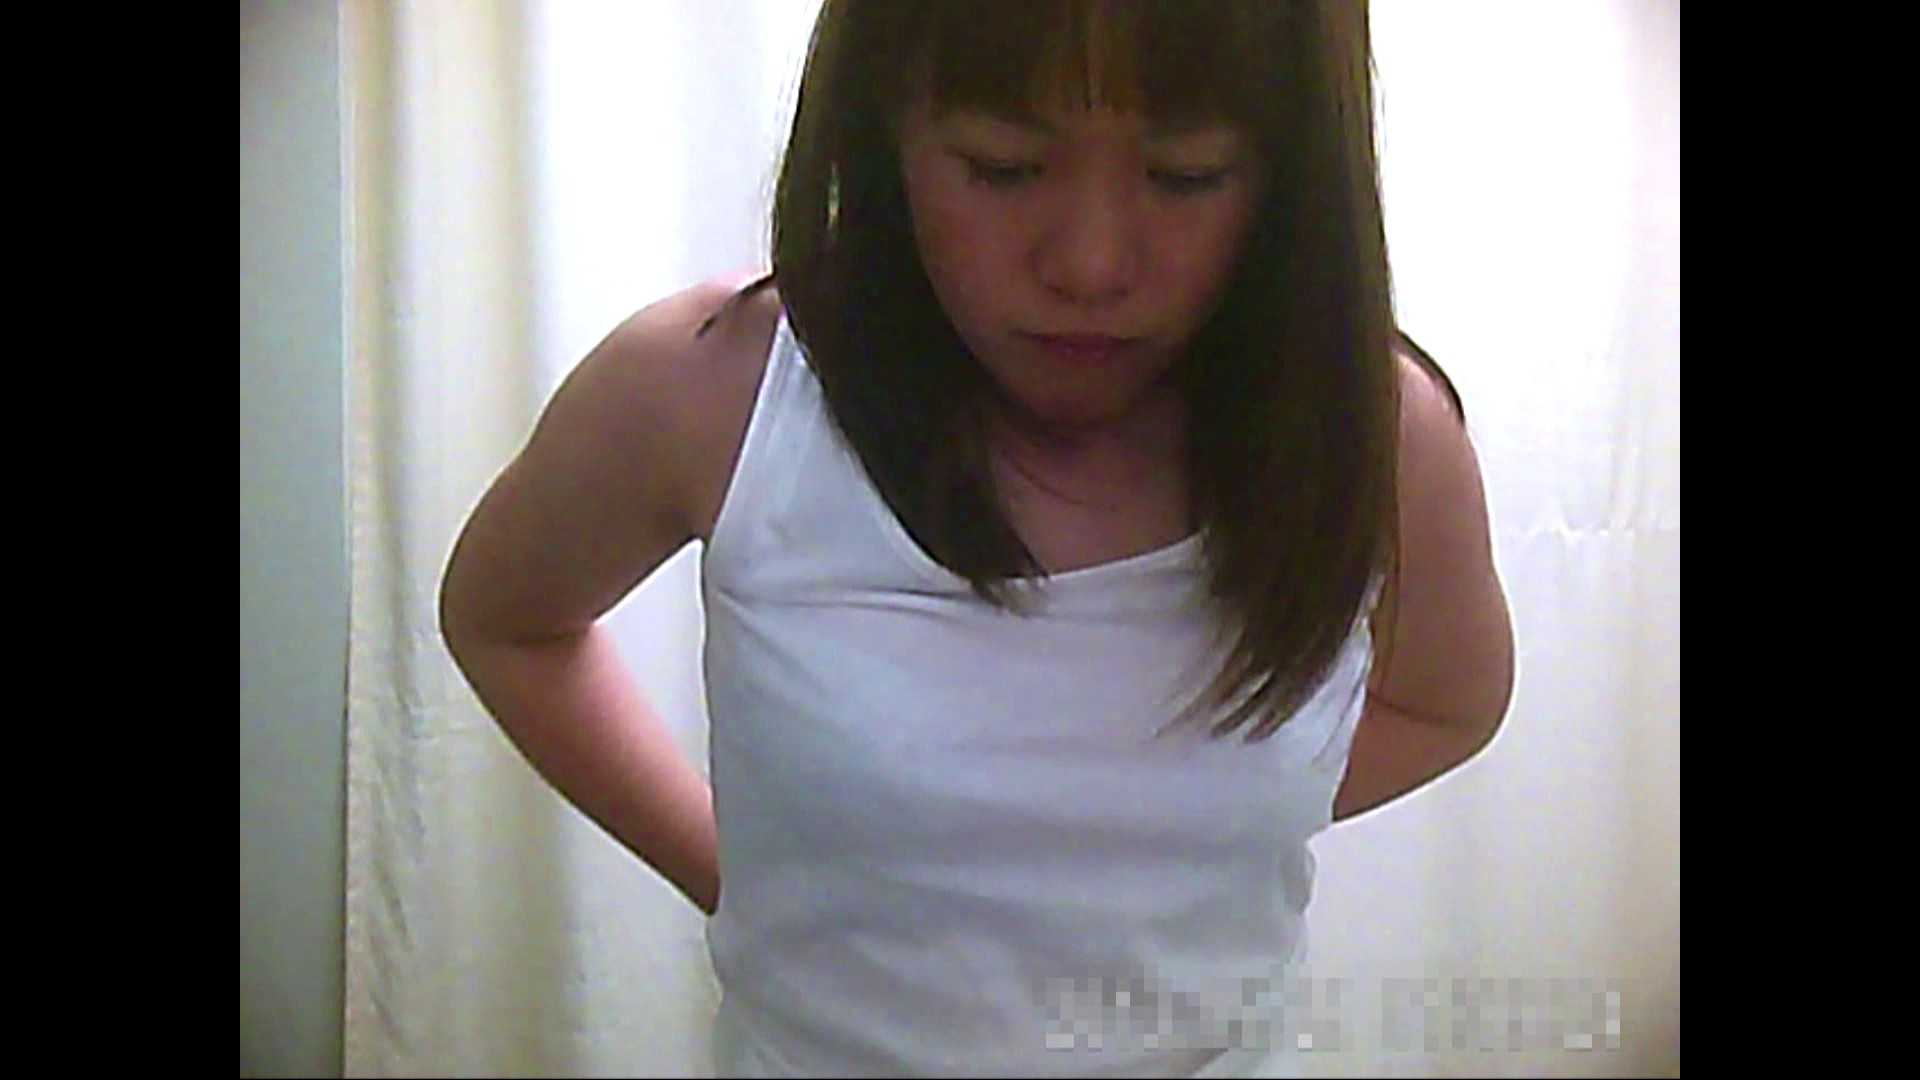 元医者による反抗 更衣室地獄絵巻 vol.042 エッチなお姉さん おめこ無修正動画無料 109画像 68